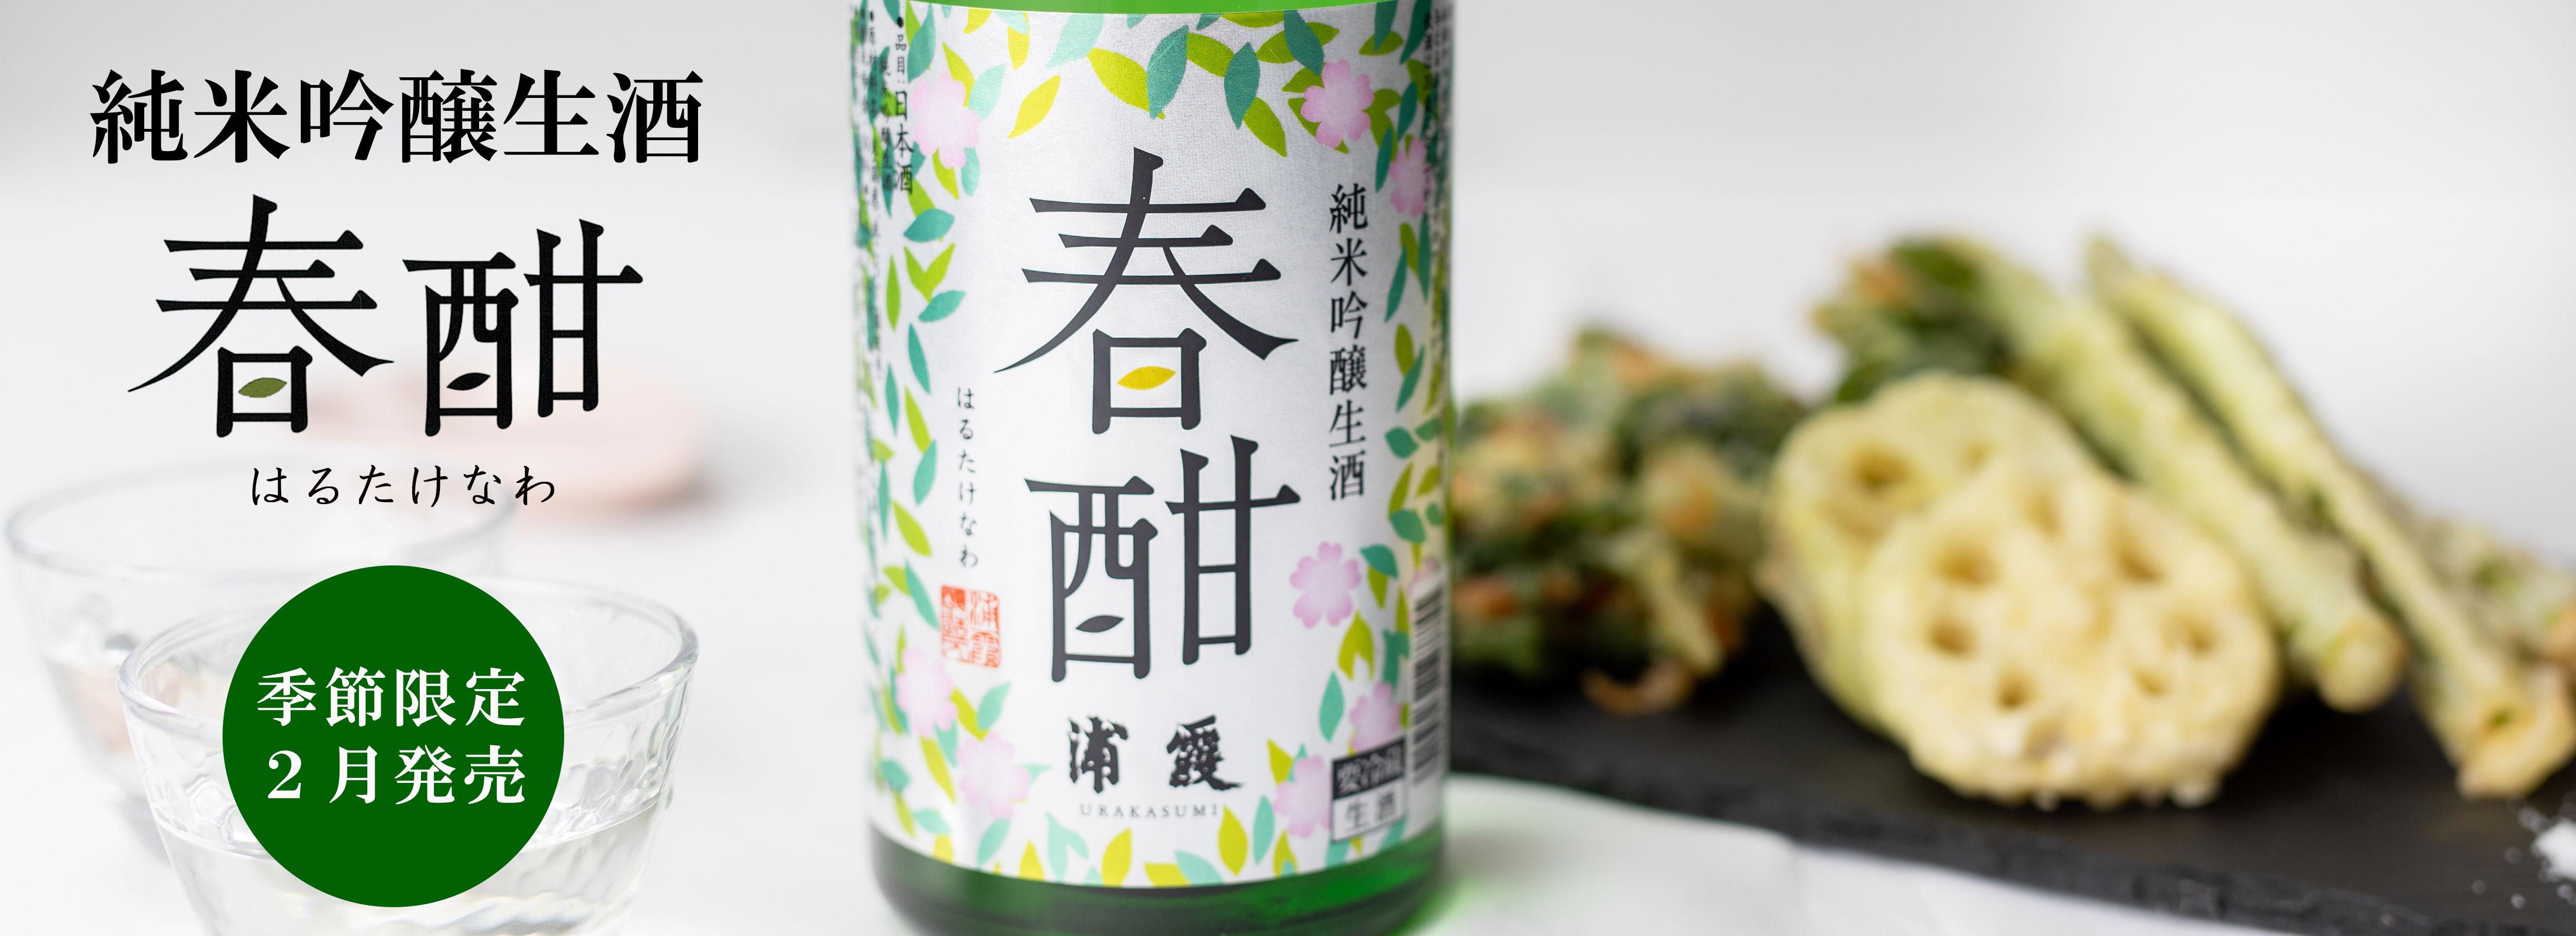 「純米吟醸生酒 浦霞 春酣」季節限定発売